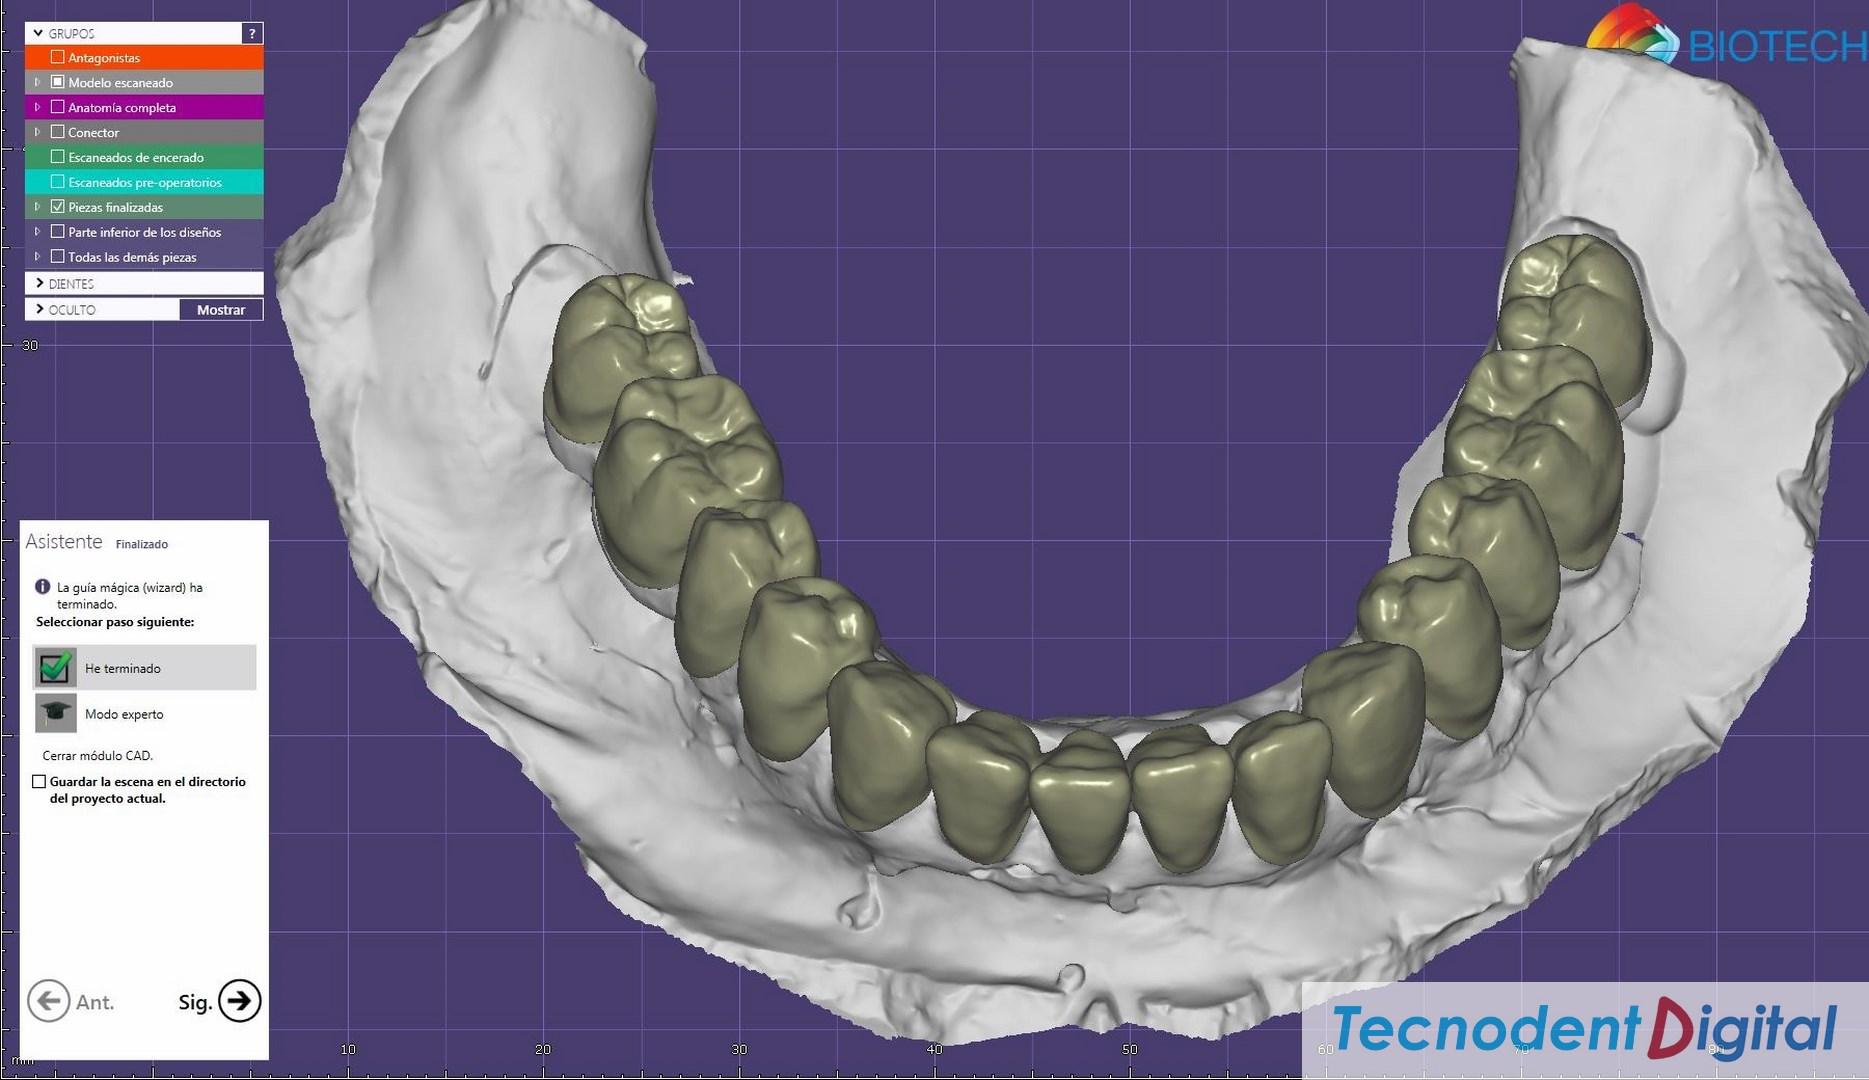 Rehabilitacion sobre implantes Exocad thimble coronas